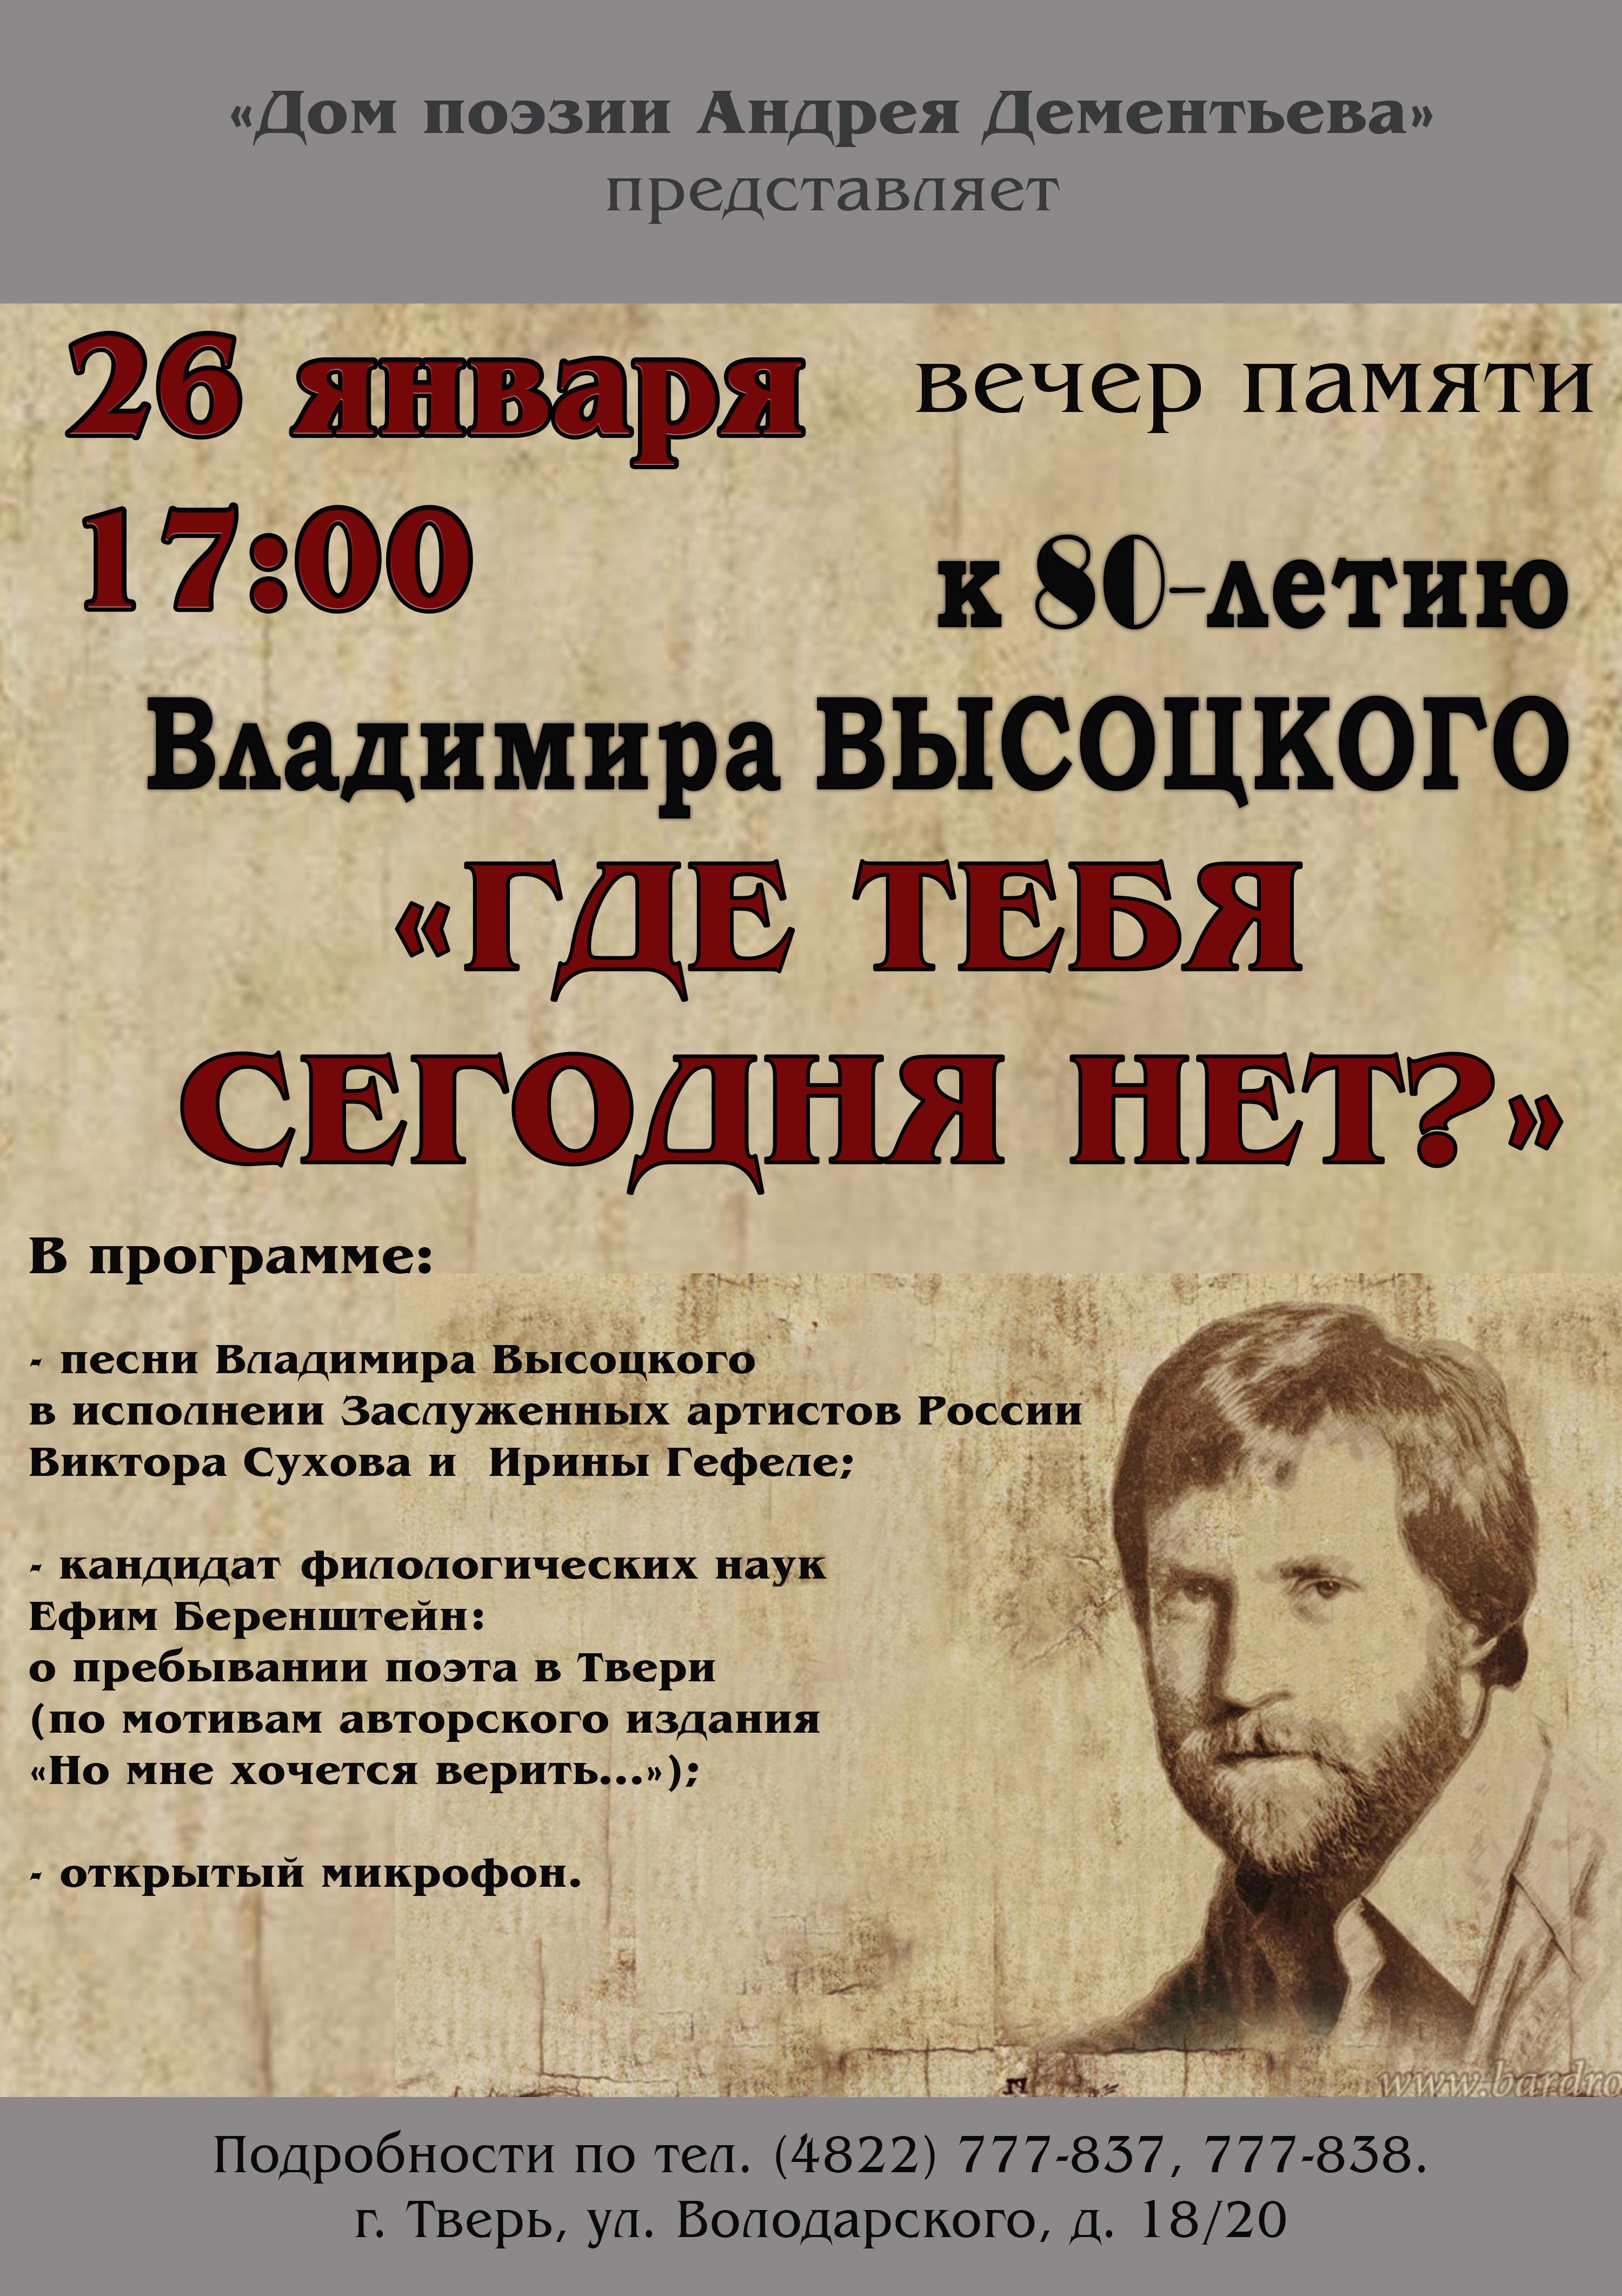 Вспомним Высоцкого